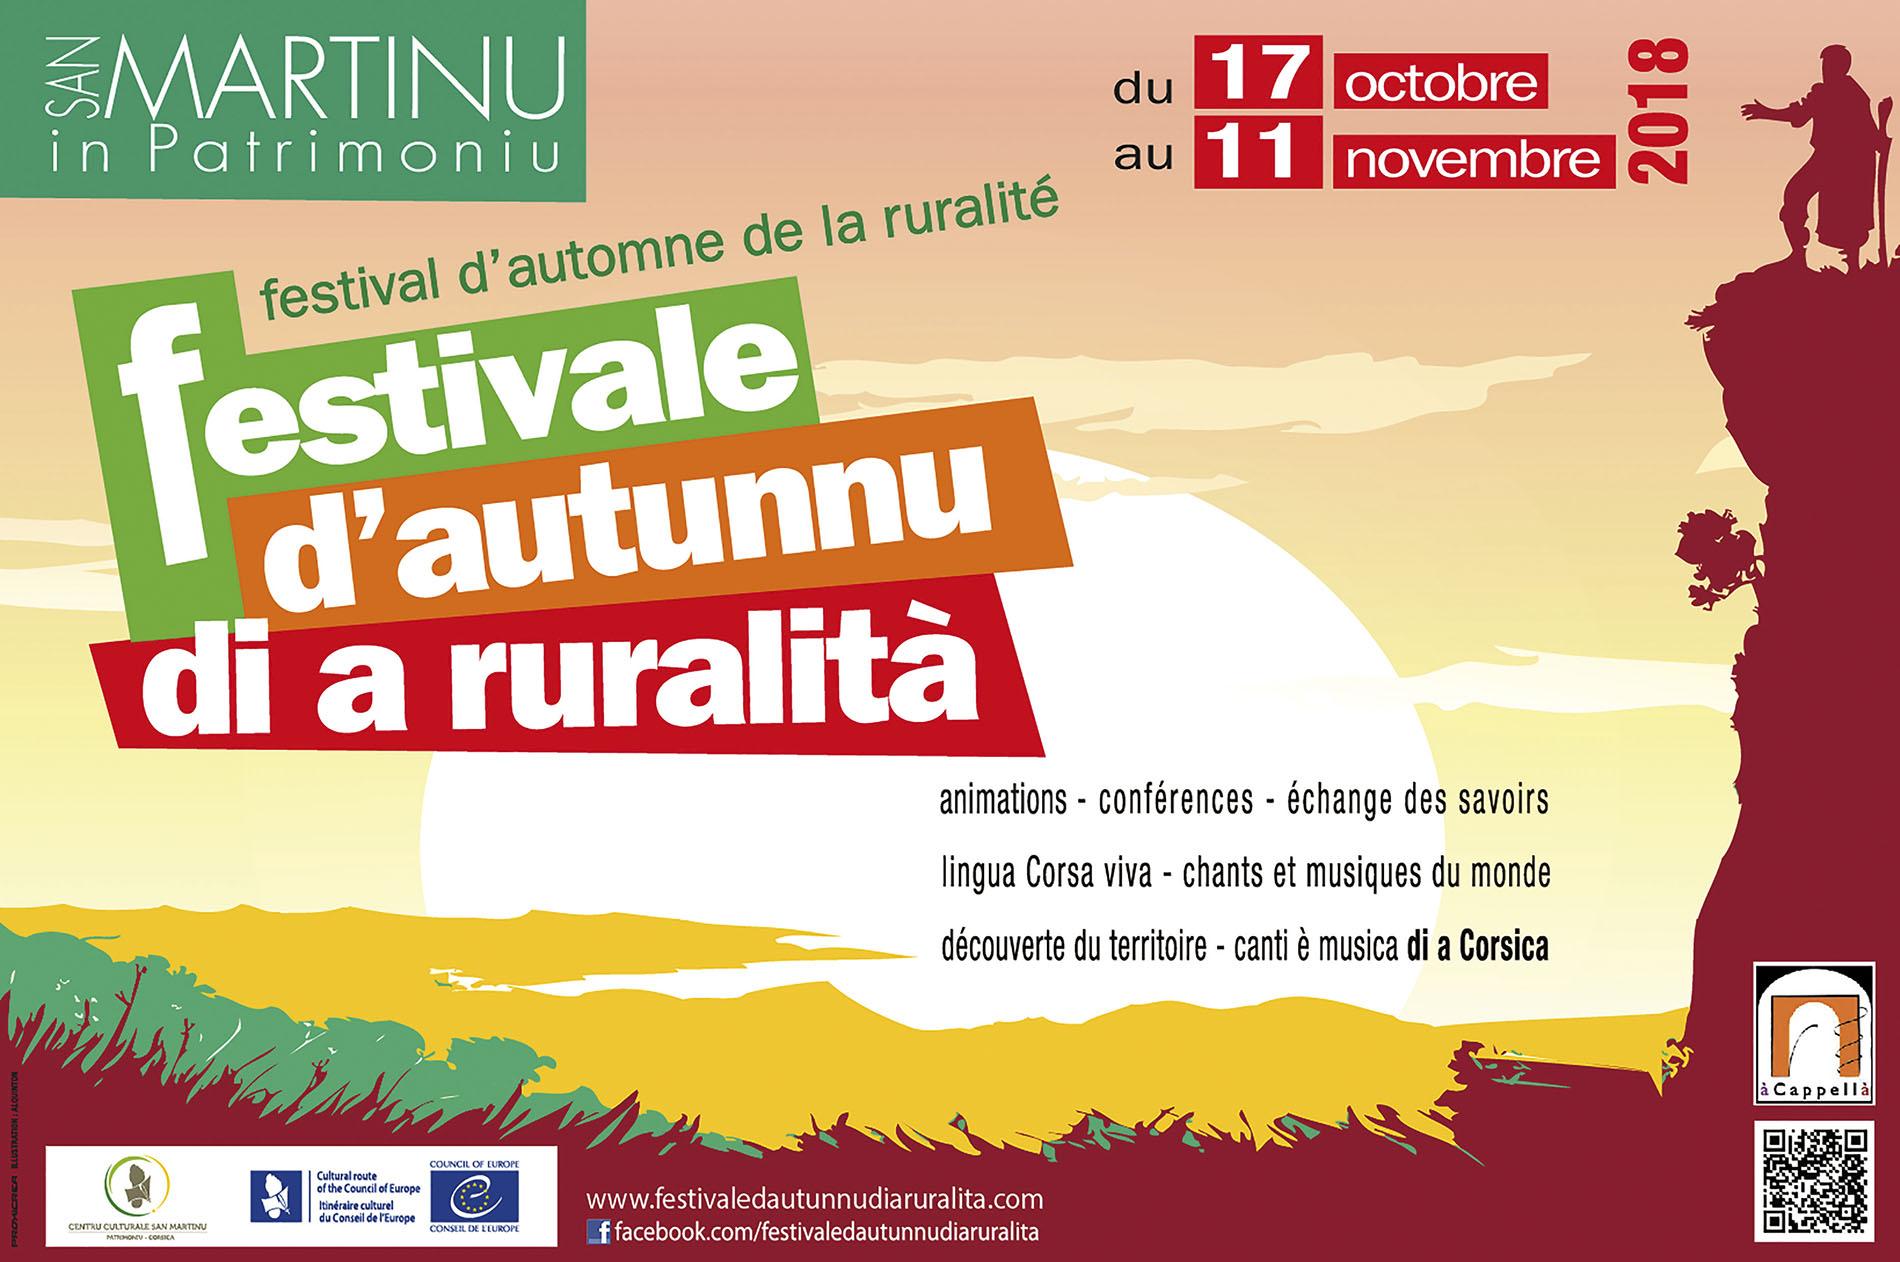 U FESTIVALE D'AUTUNNU DI A RURALITÀ 2018